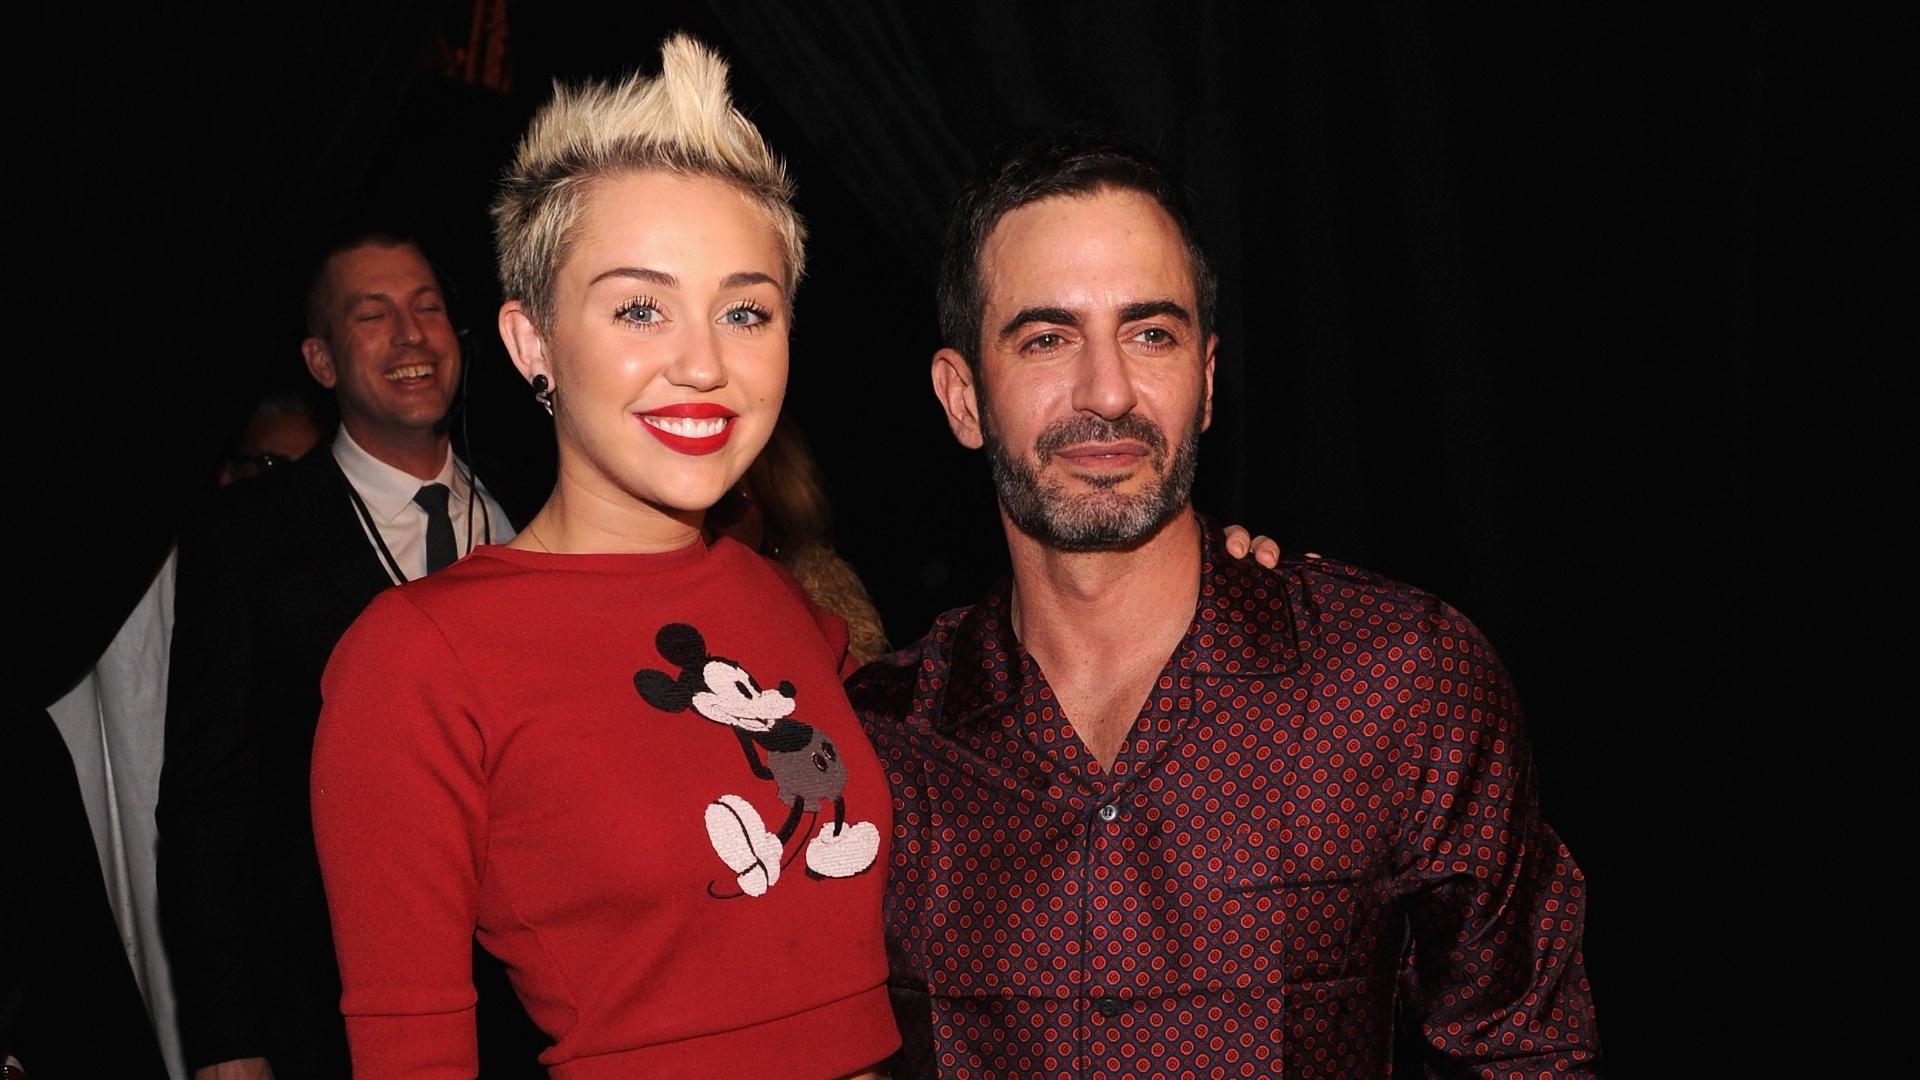 12.fev.2013 - O estilista Marc Jacobs posa ao lado de Miley Cyrus usando um pijama vinho estampado durante a semana de moda de NY